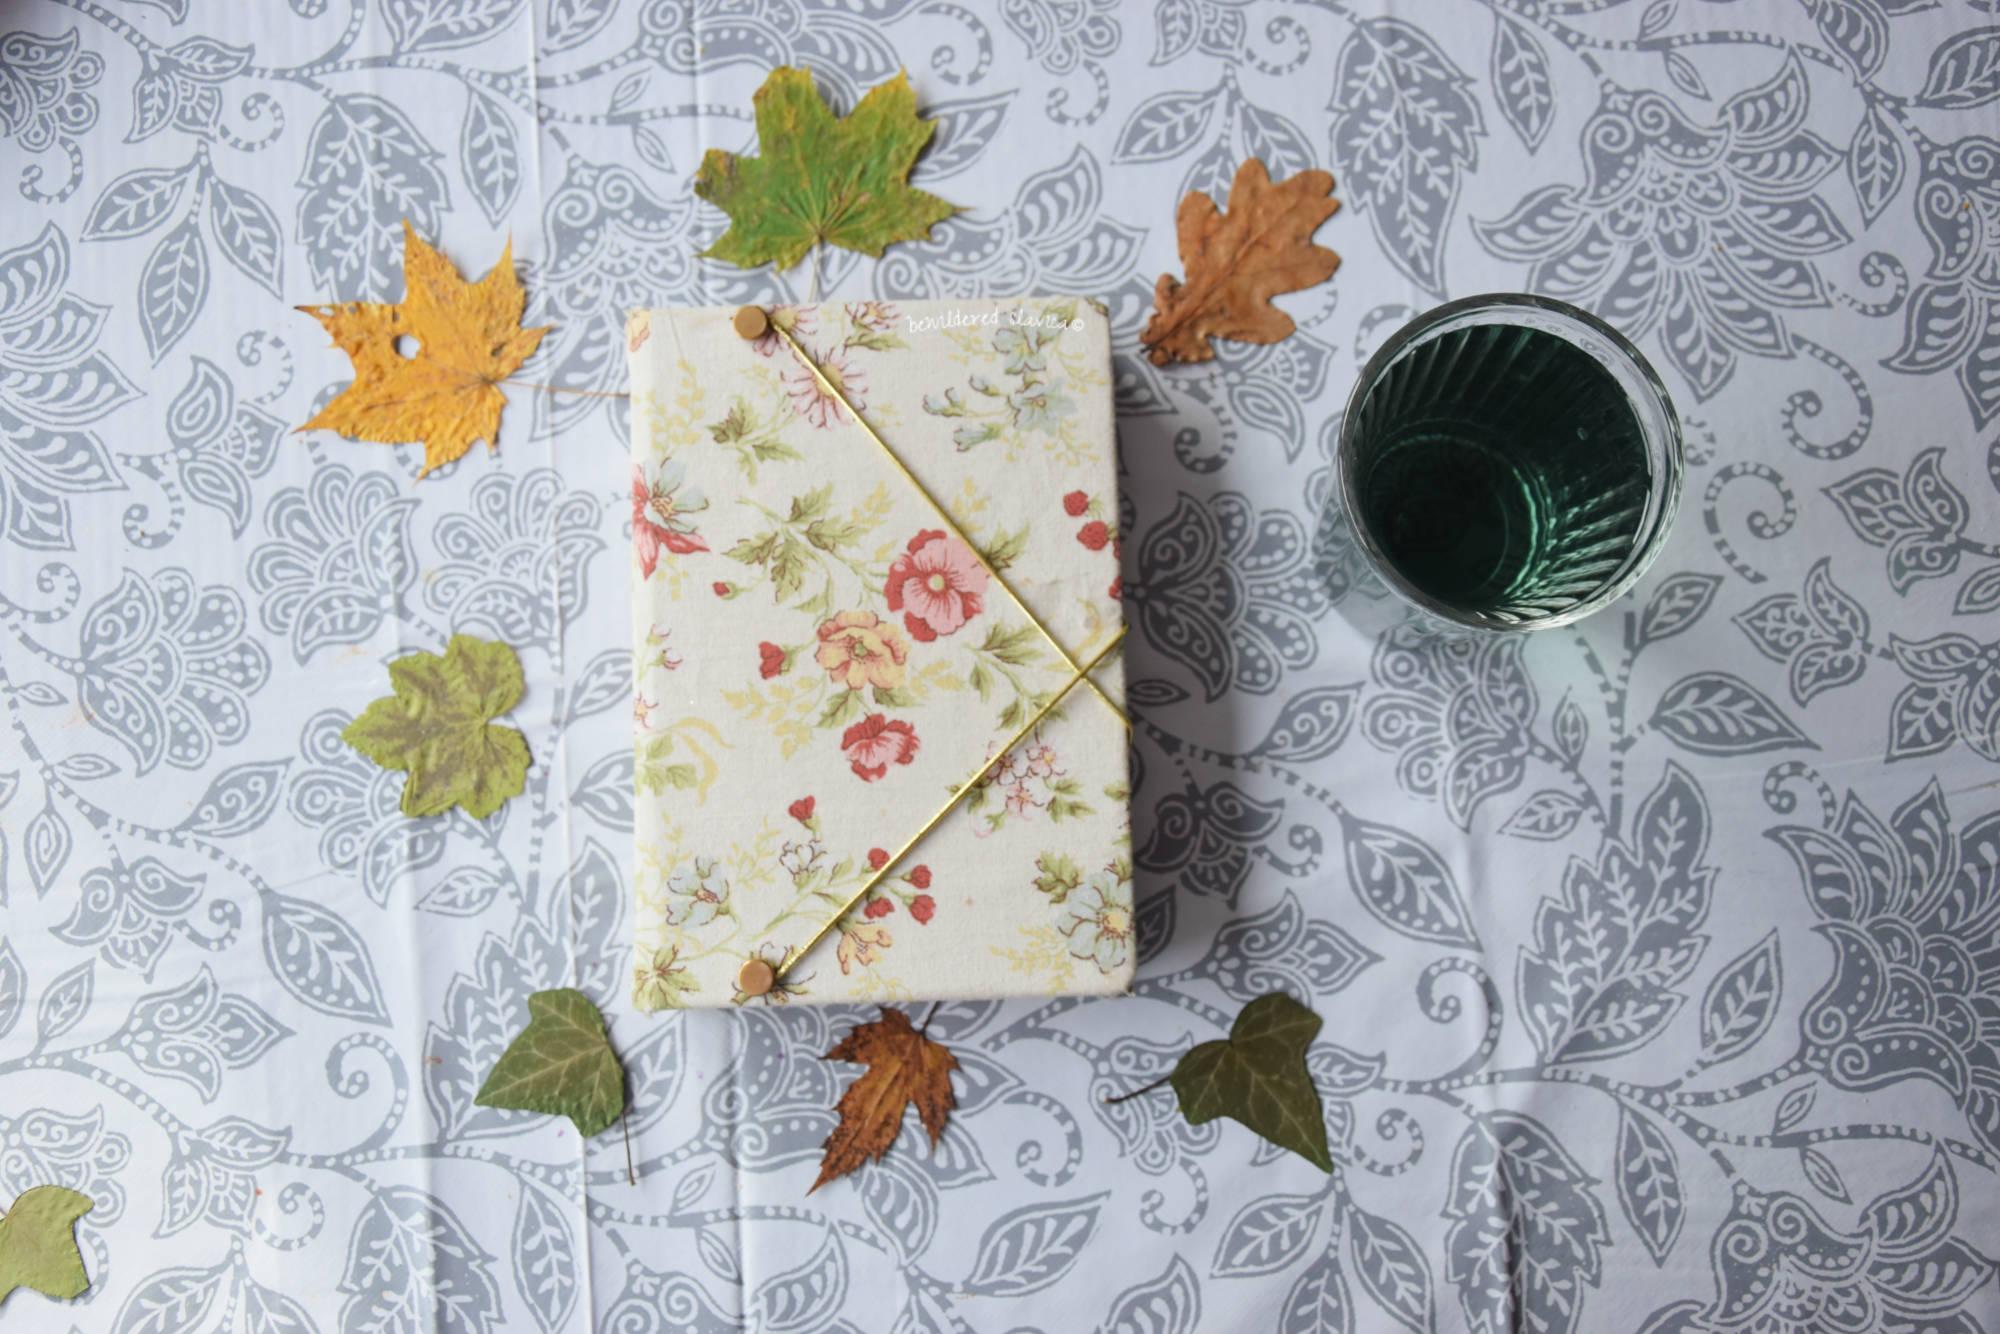 Książki o ziołach, które uwielbiam